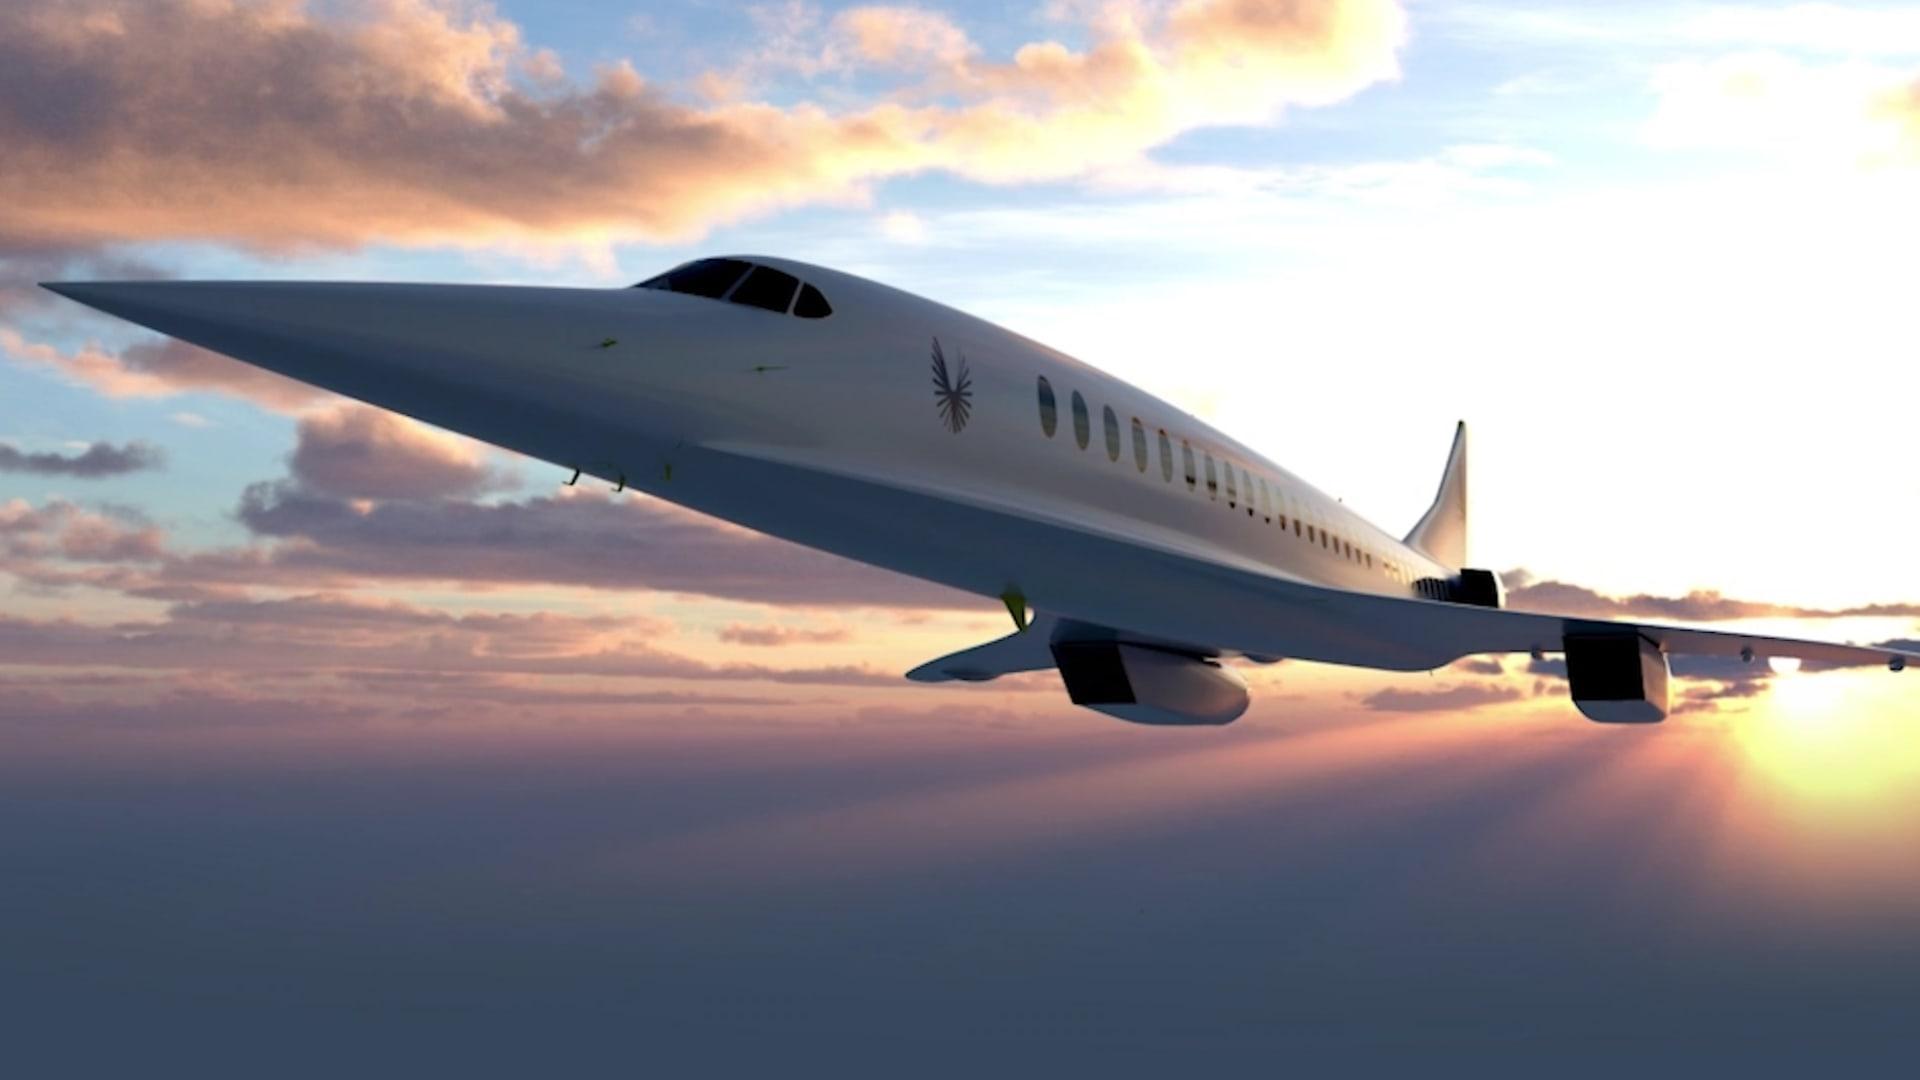 أسرع من الصوت.. طائرة الركاب هذه قد تغير مفهوم السفر جوًا